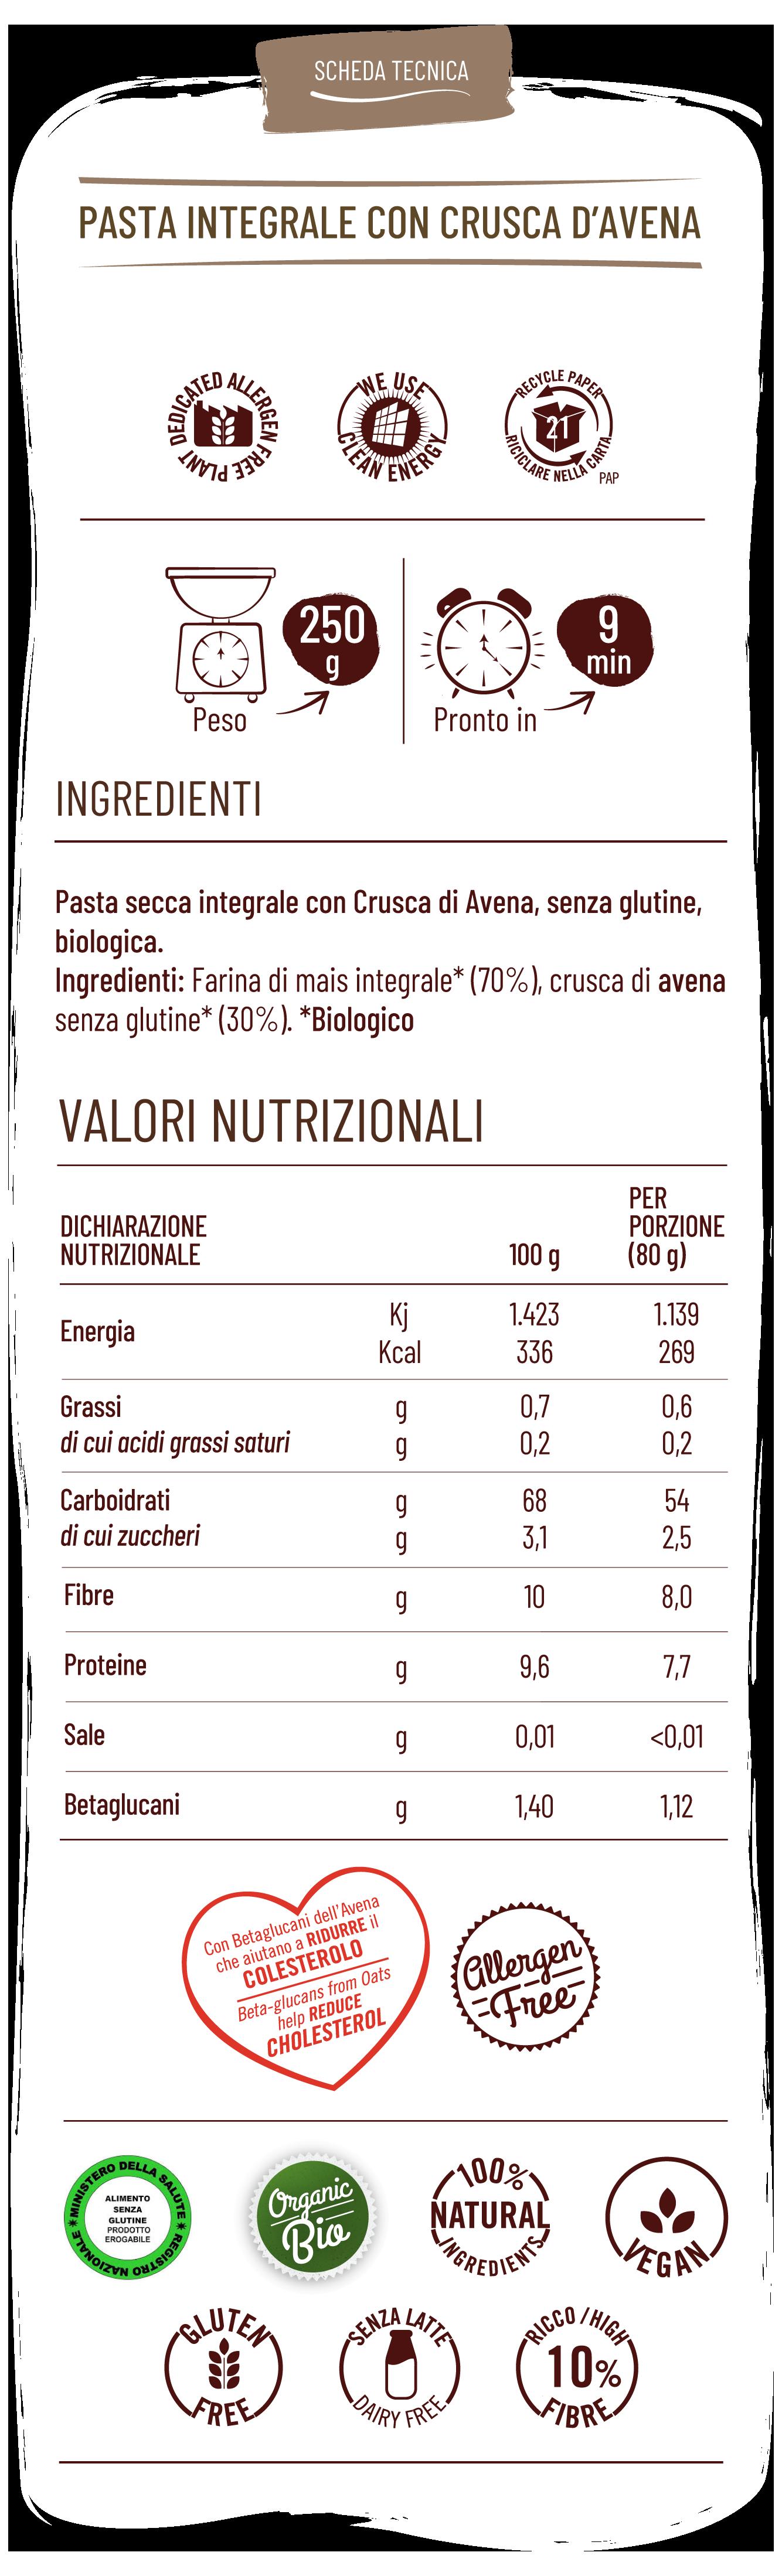 Vitabella pasta integrale con crusca d'avena